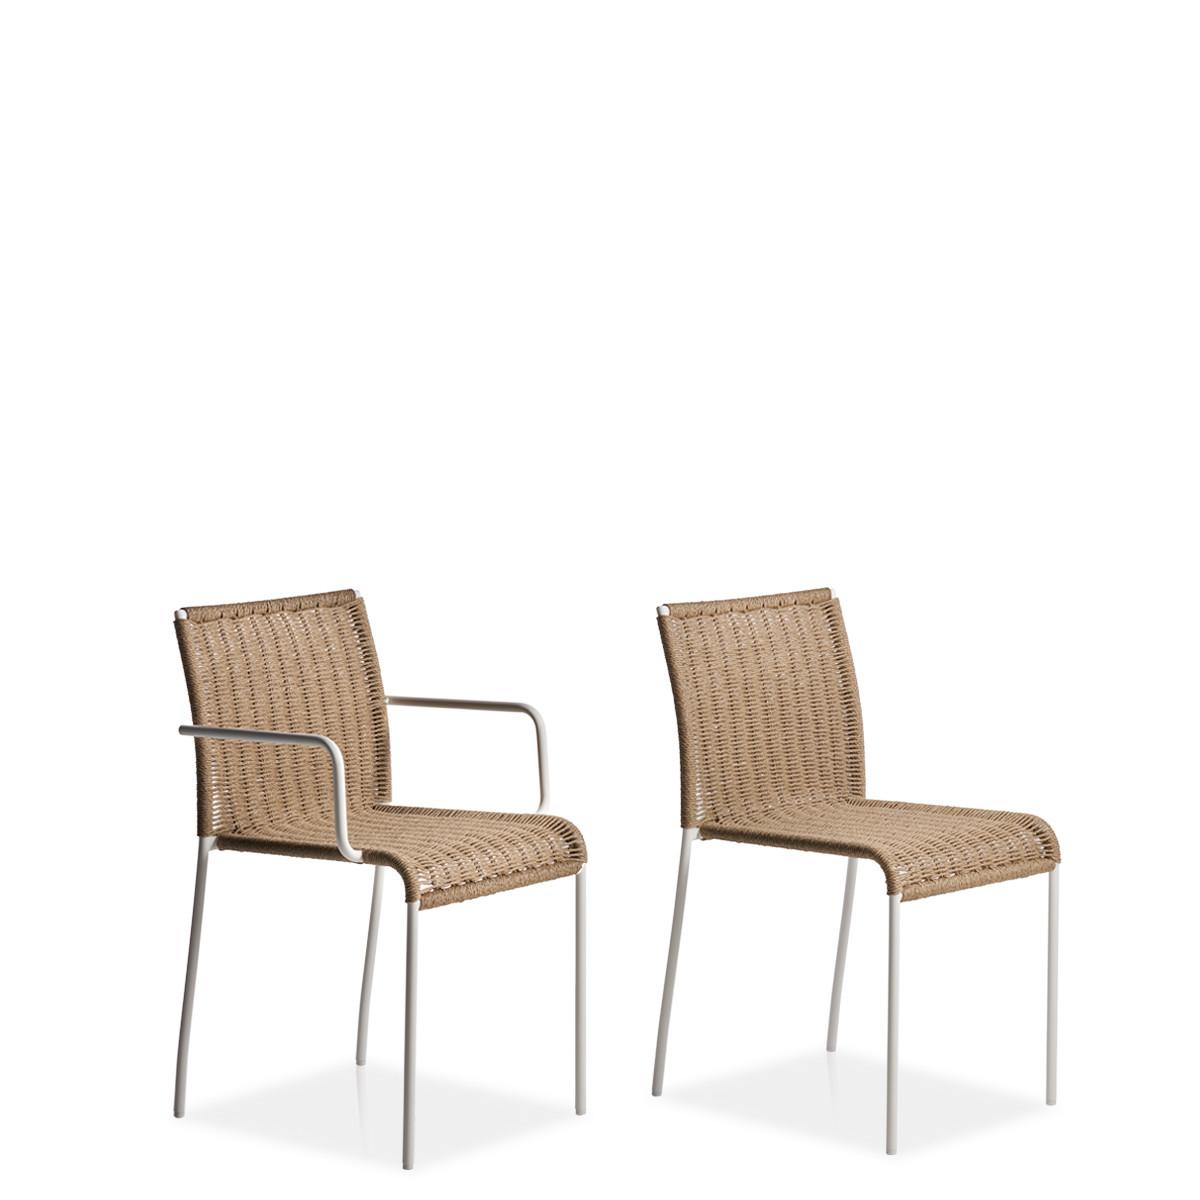 Entdecken Sie bei Conzept Beckord besondere Designmöbel! Hier finden Sie Potocco Stühle: Agra